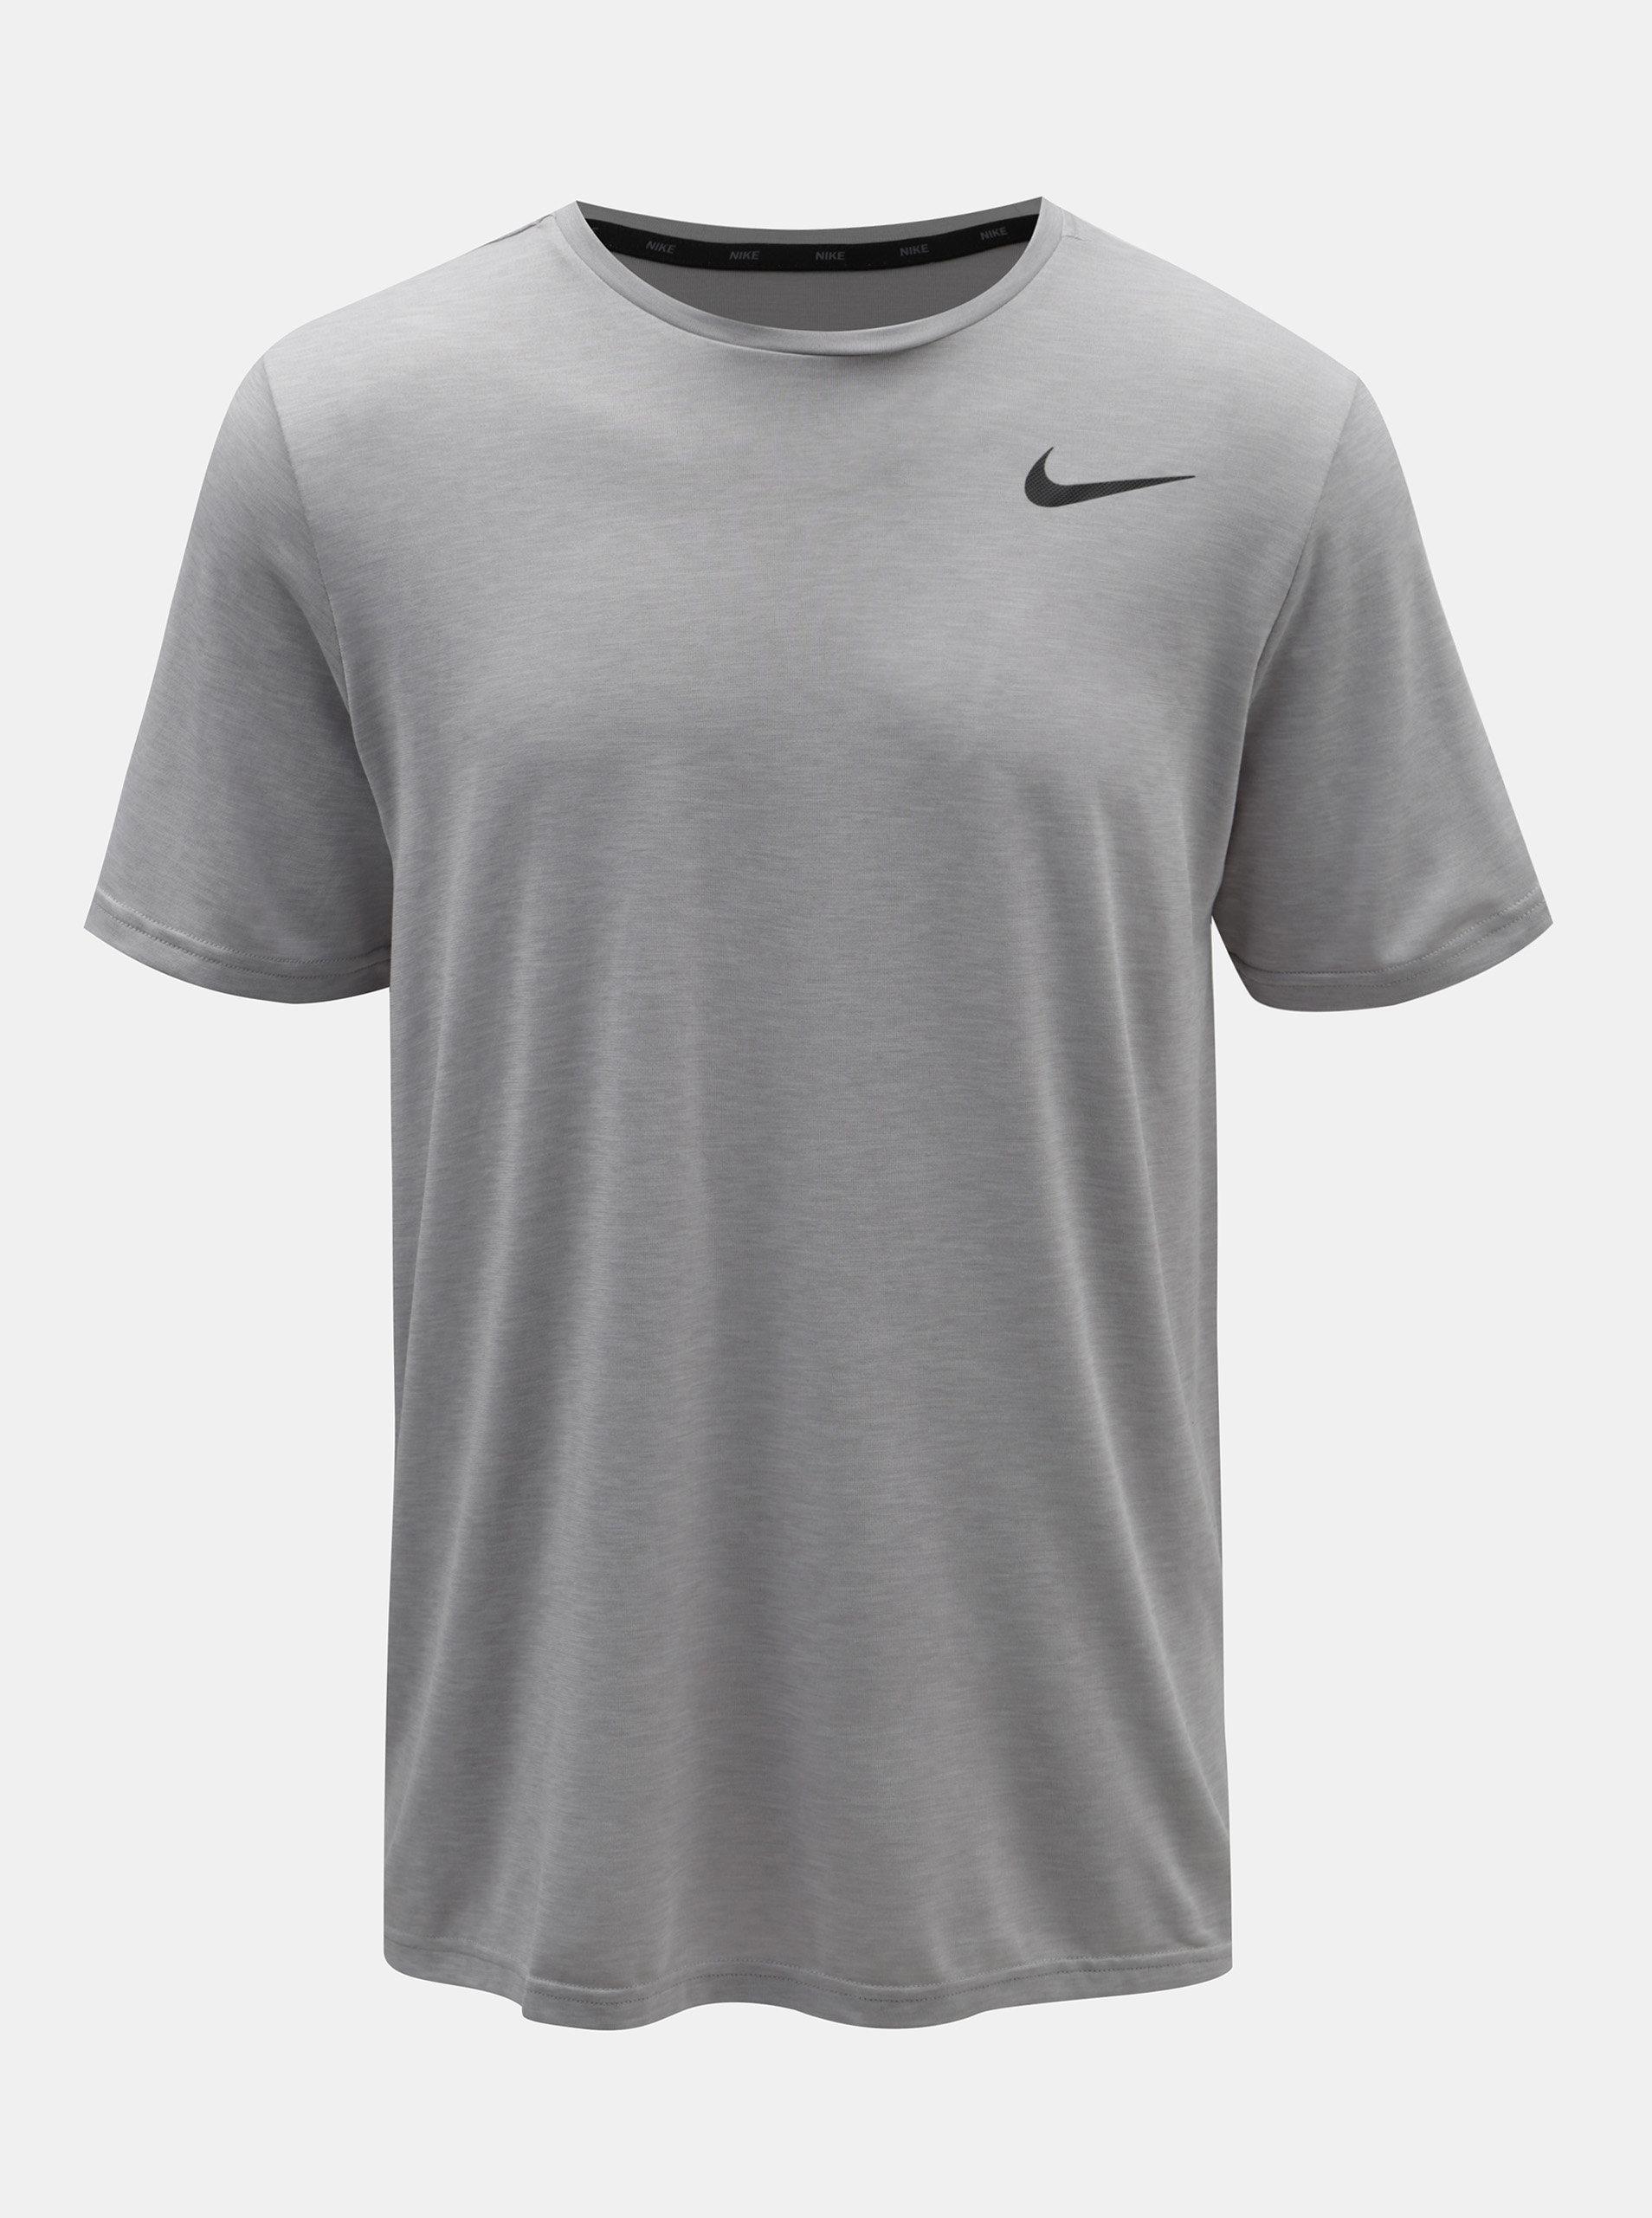 Sivé pánske melírované tričko Nike ... 5c7ca60ce1